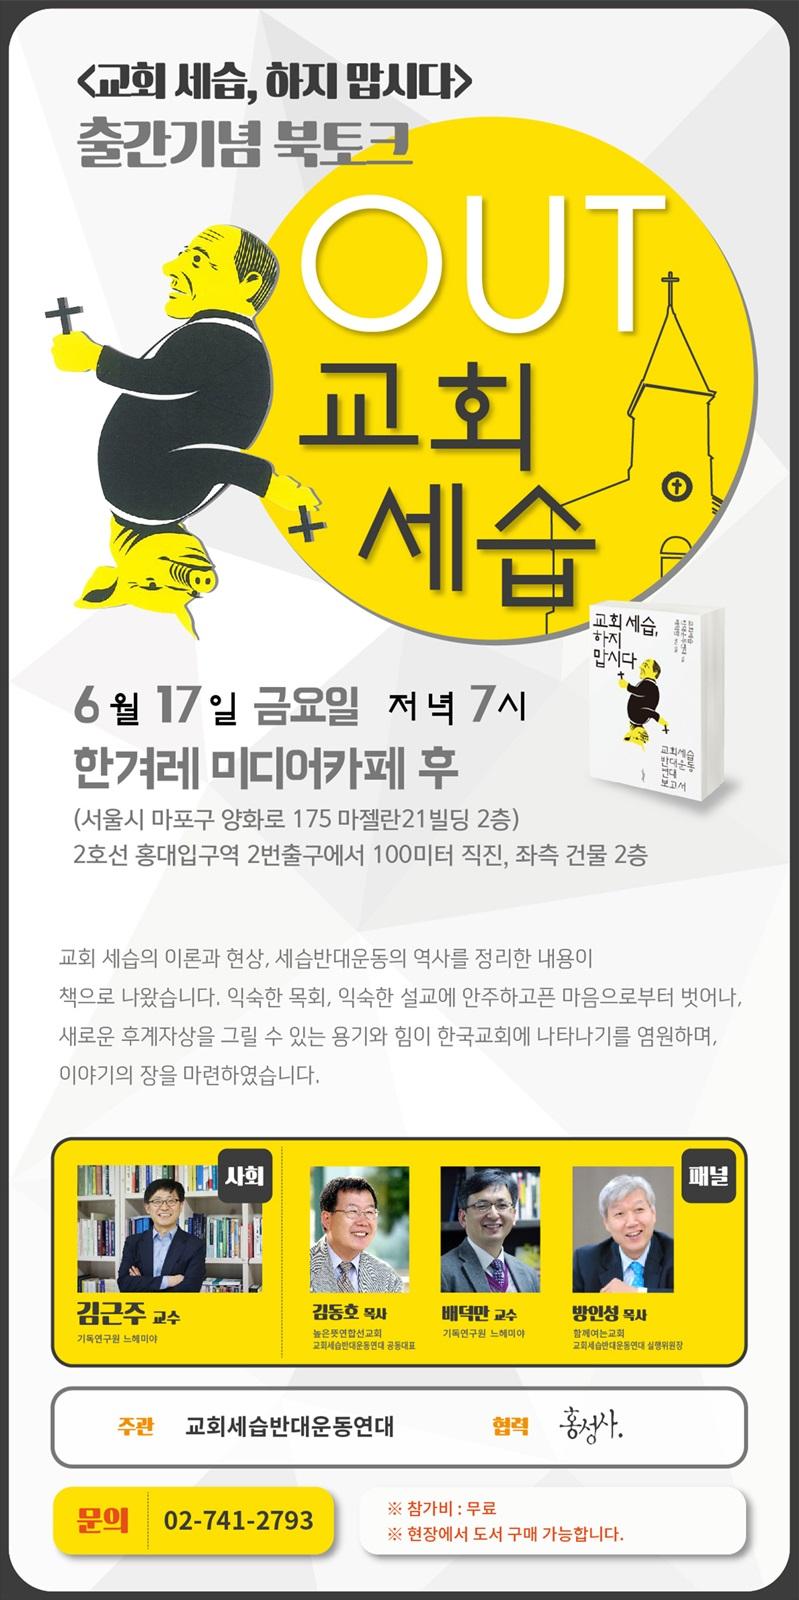 세반연_북토크_웹자보.jpg